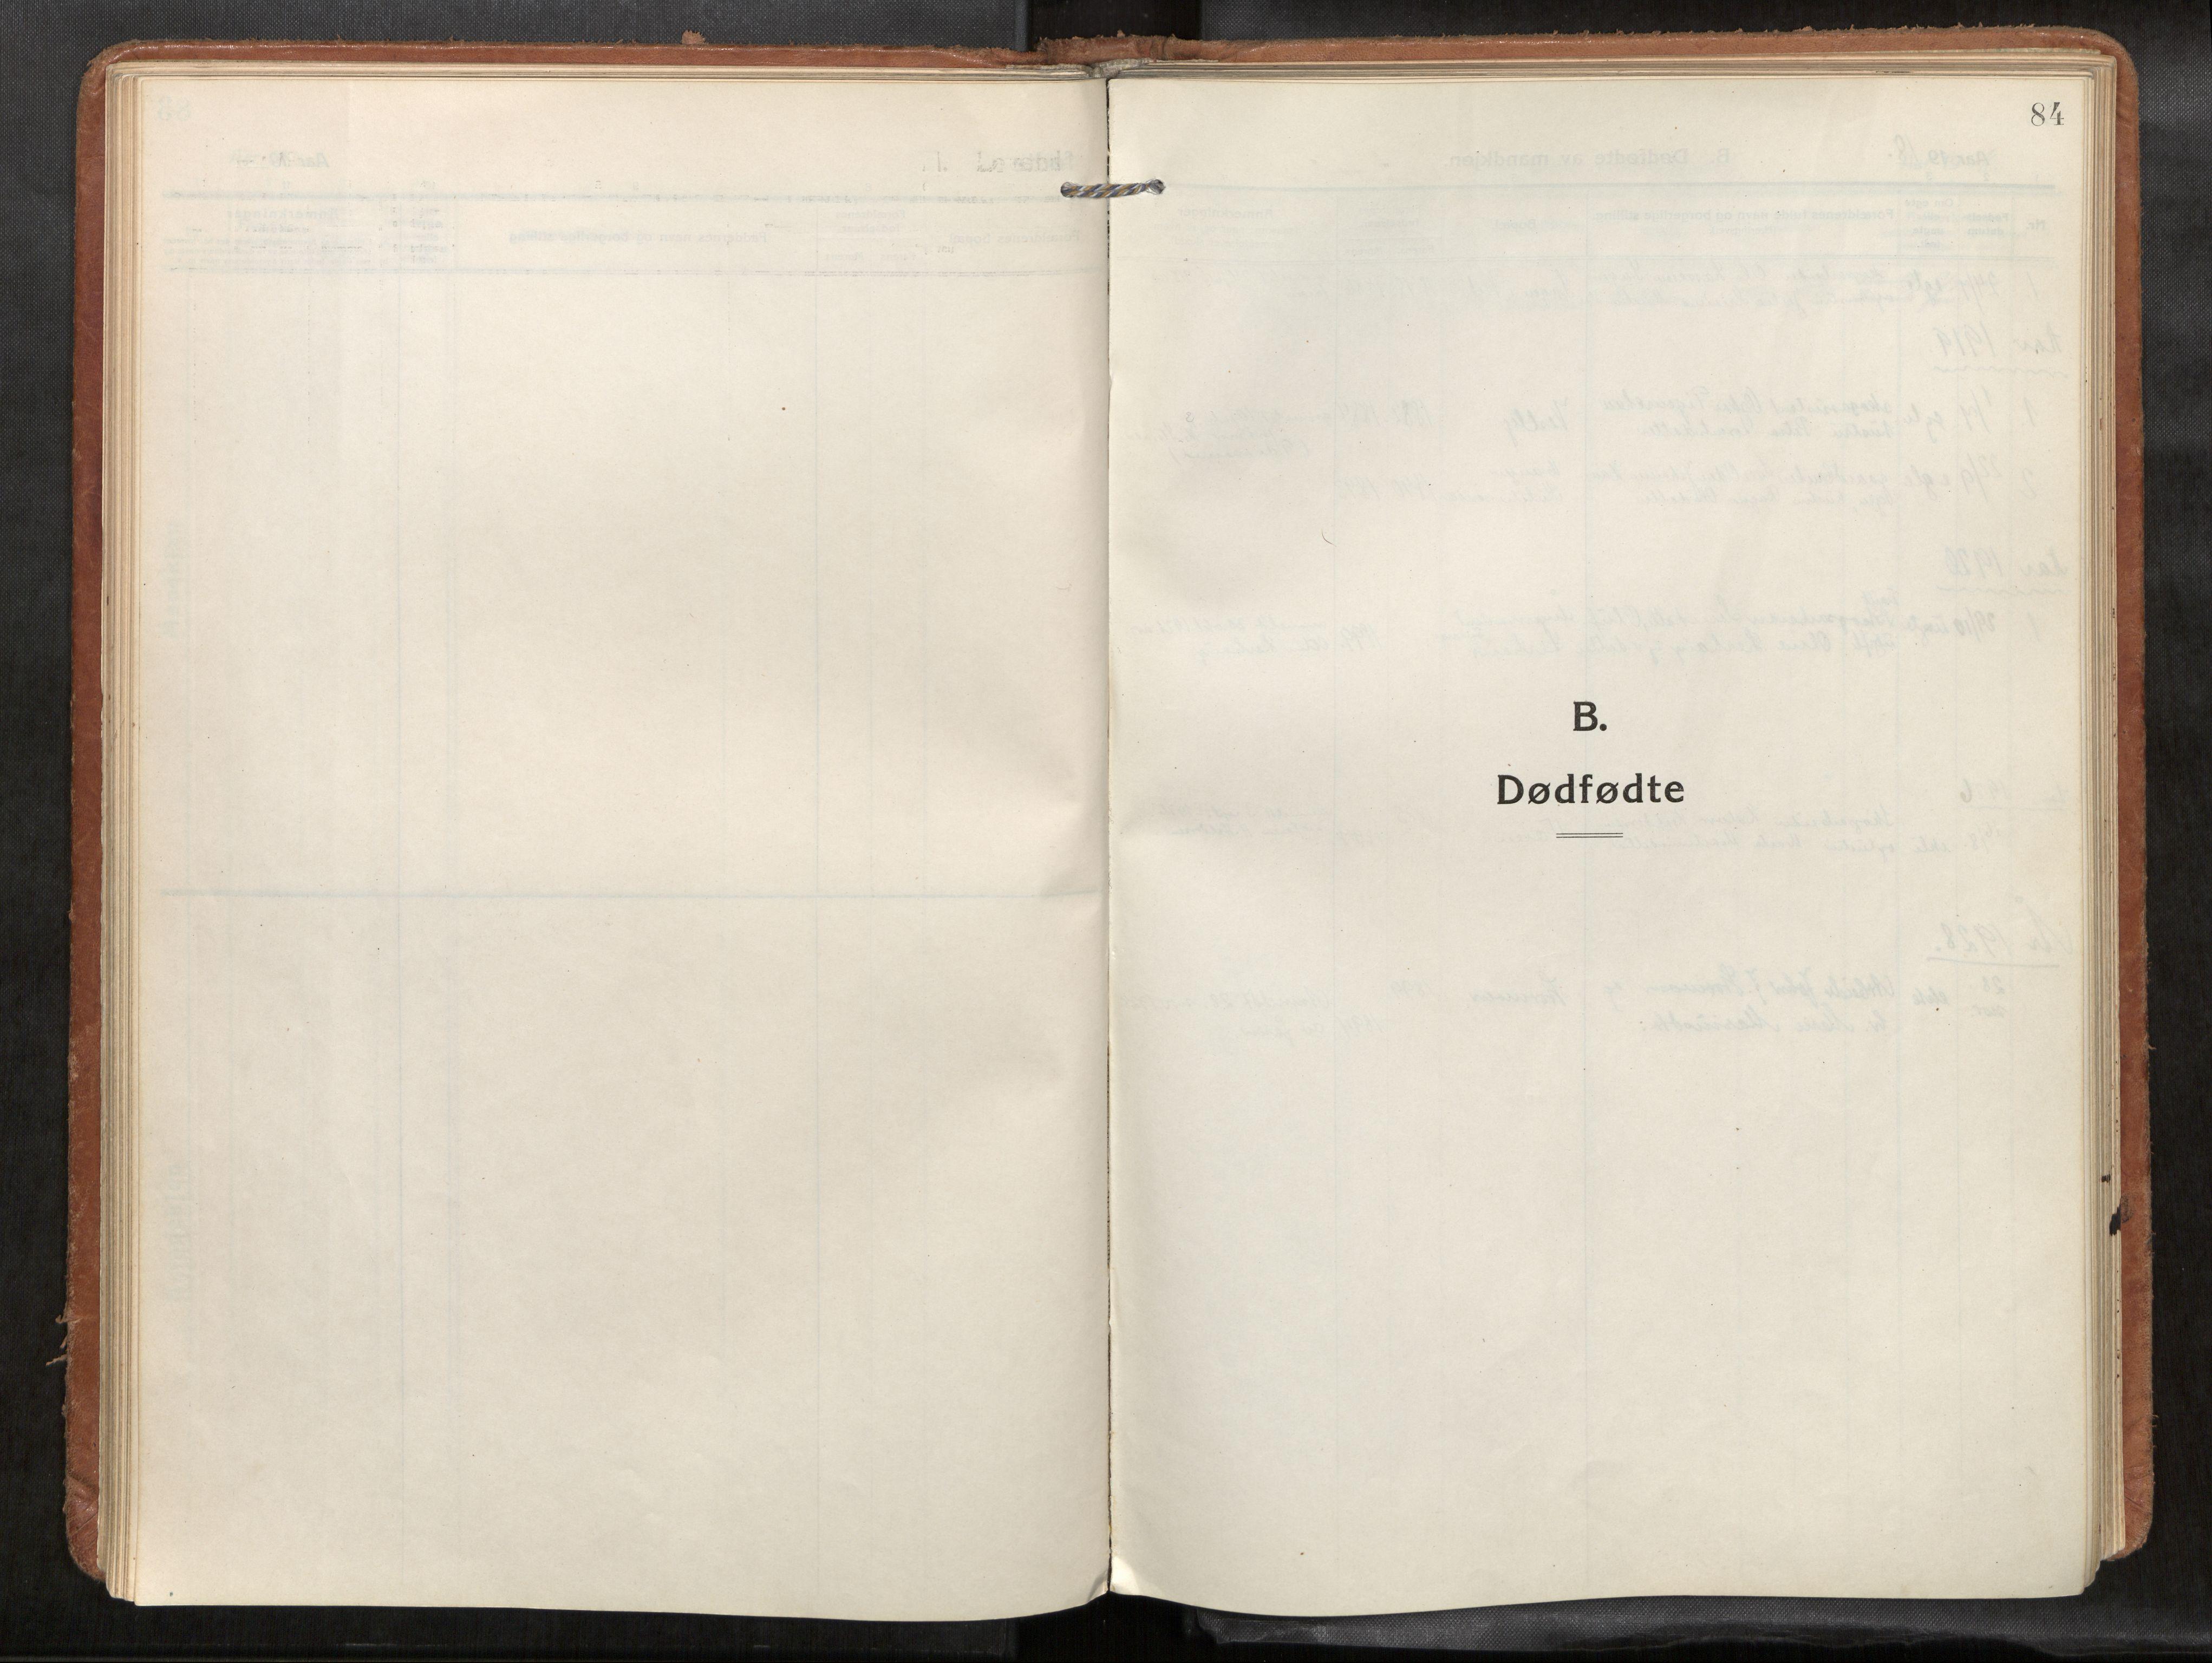 SAT, Verdal sokneprestkontor*, Parish register (official) no. 1, 1916-1928, p. 84